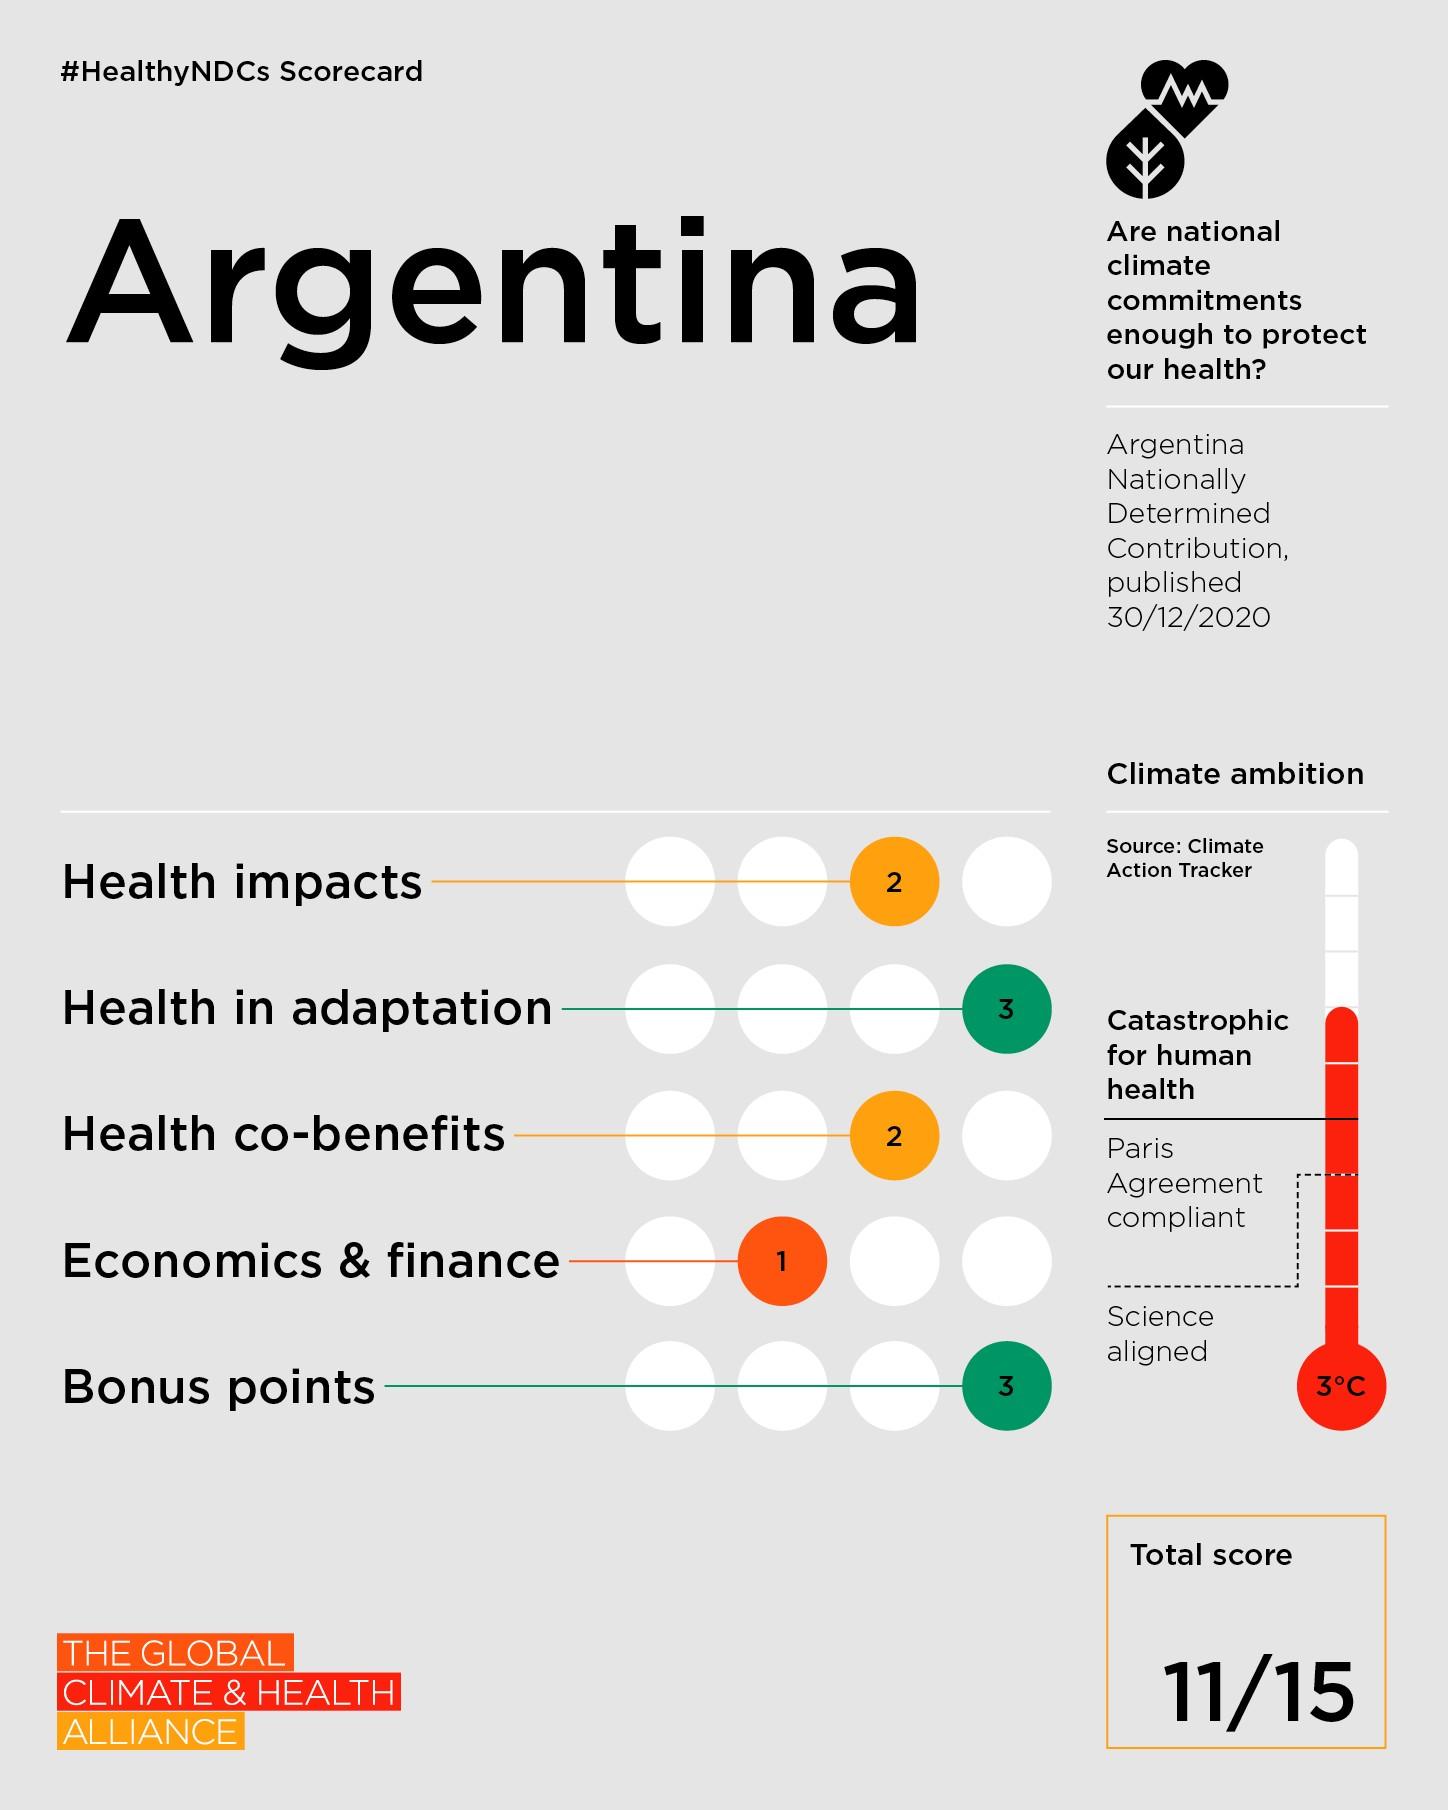 Argentina obteve 11 pontos, mas sua NDC está de acordo com uma meta limite de 3 °C, o que seria catastrófico para a saúde humana (Foto: The Global Climate and Health Alliance)